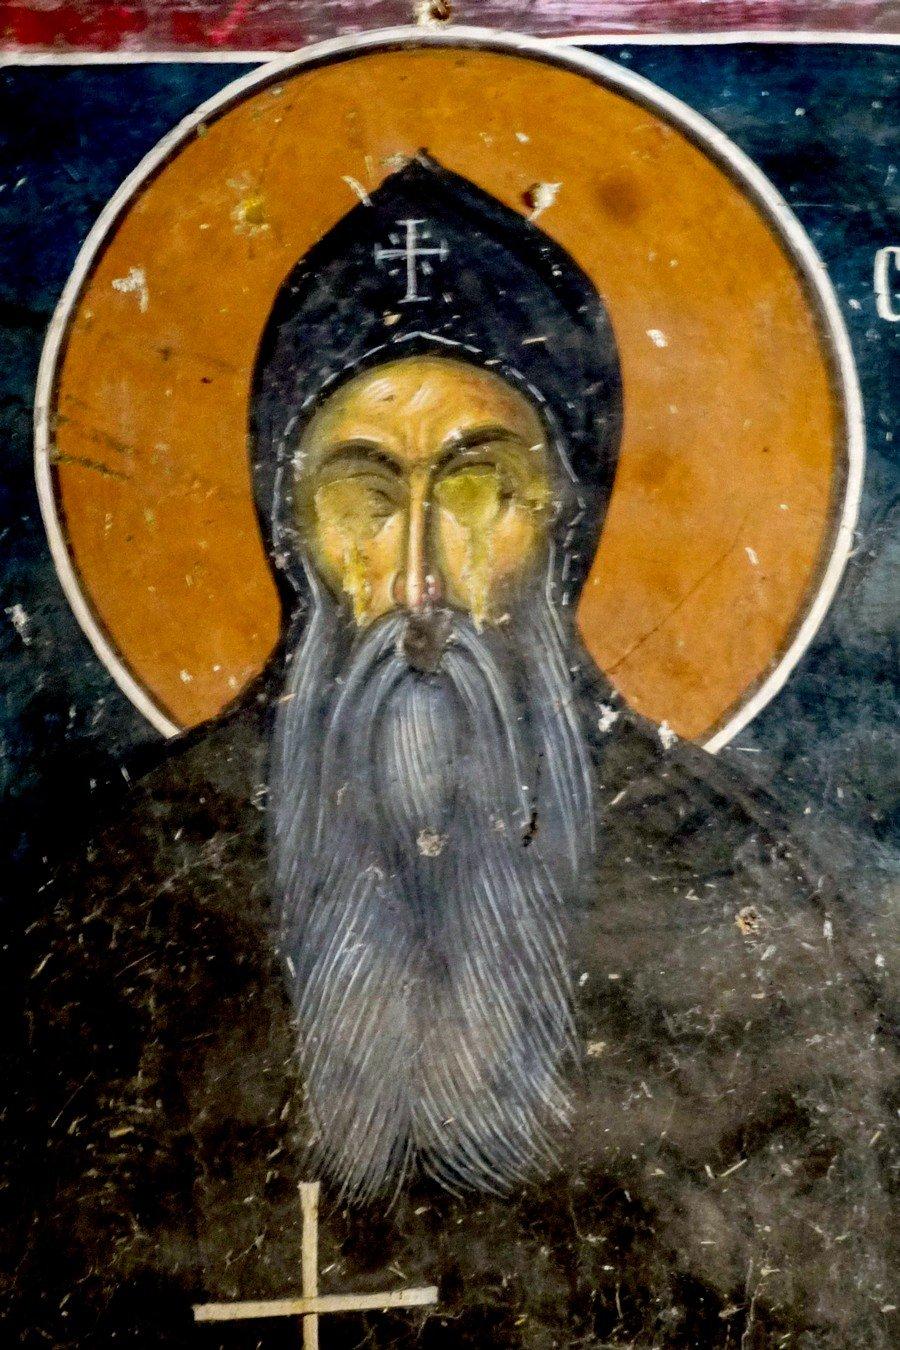 Святой Преподобный Симеон Мироточивый. Фреска церкви Святого Николая в монастыре Псача. 1365 - 1377 годы.